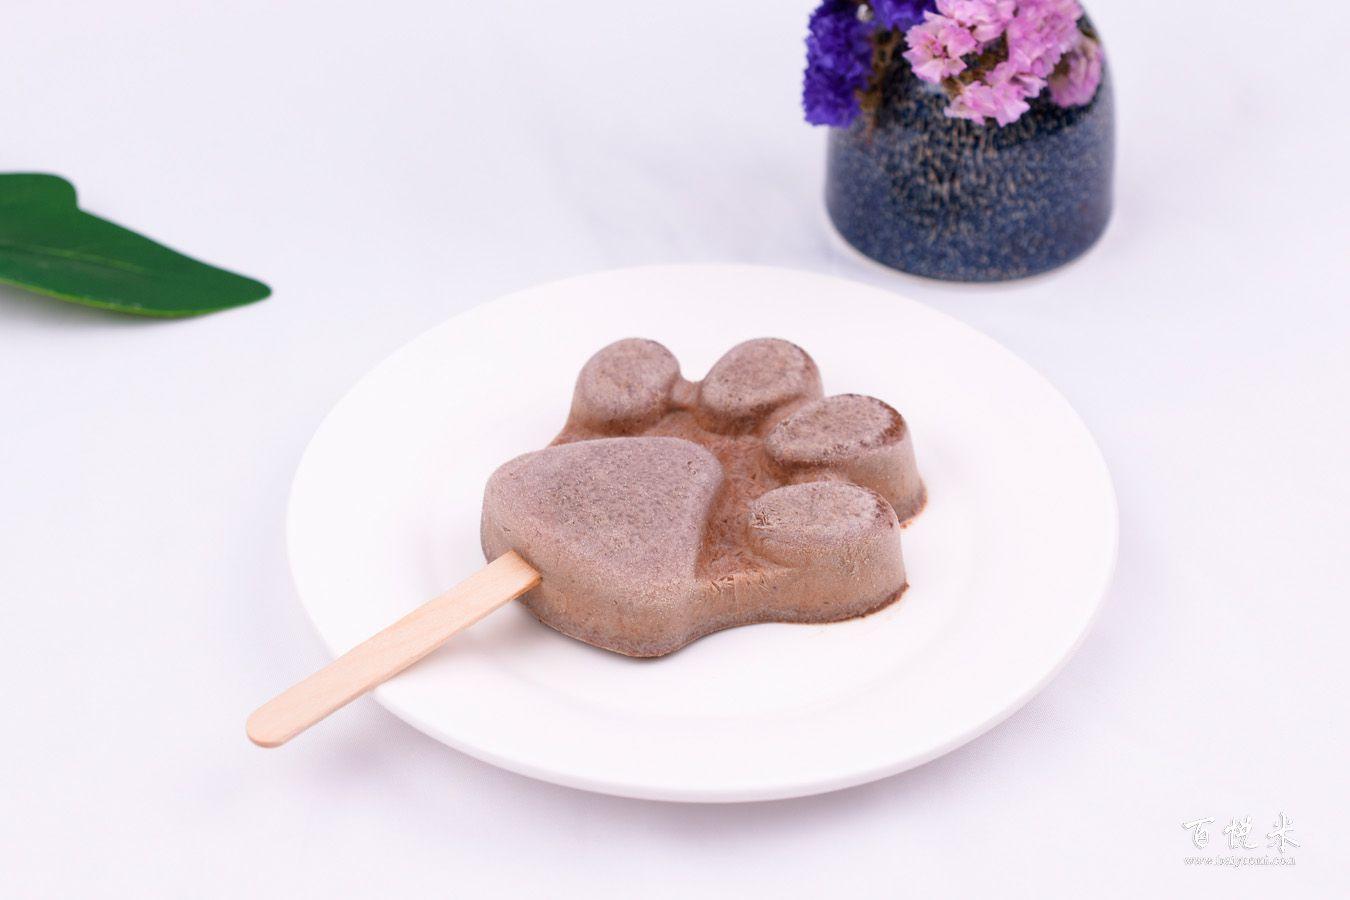 巧克力冰淇淋的做法大全,巧克力冰淇淋西点培训图文步骤详解